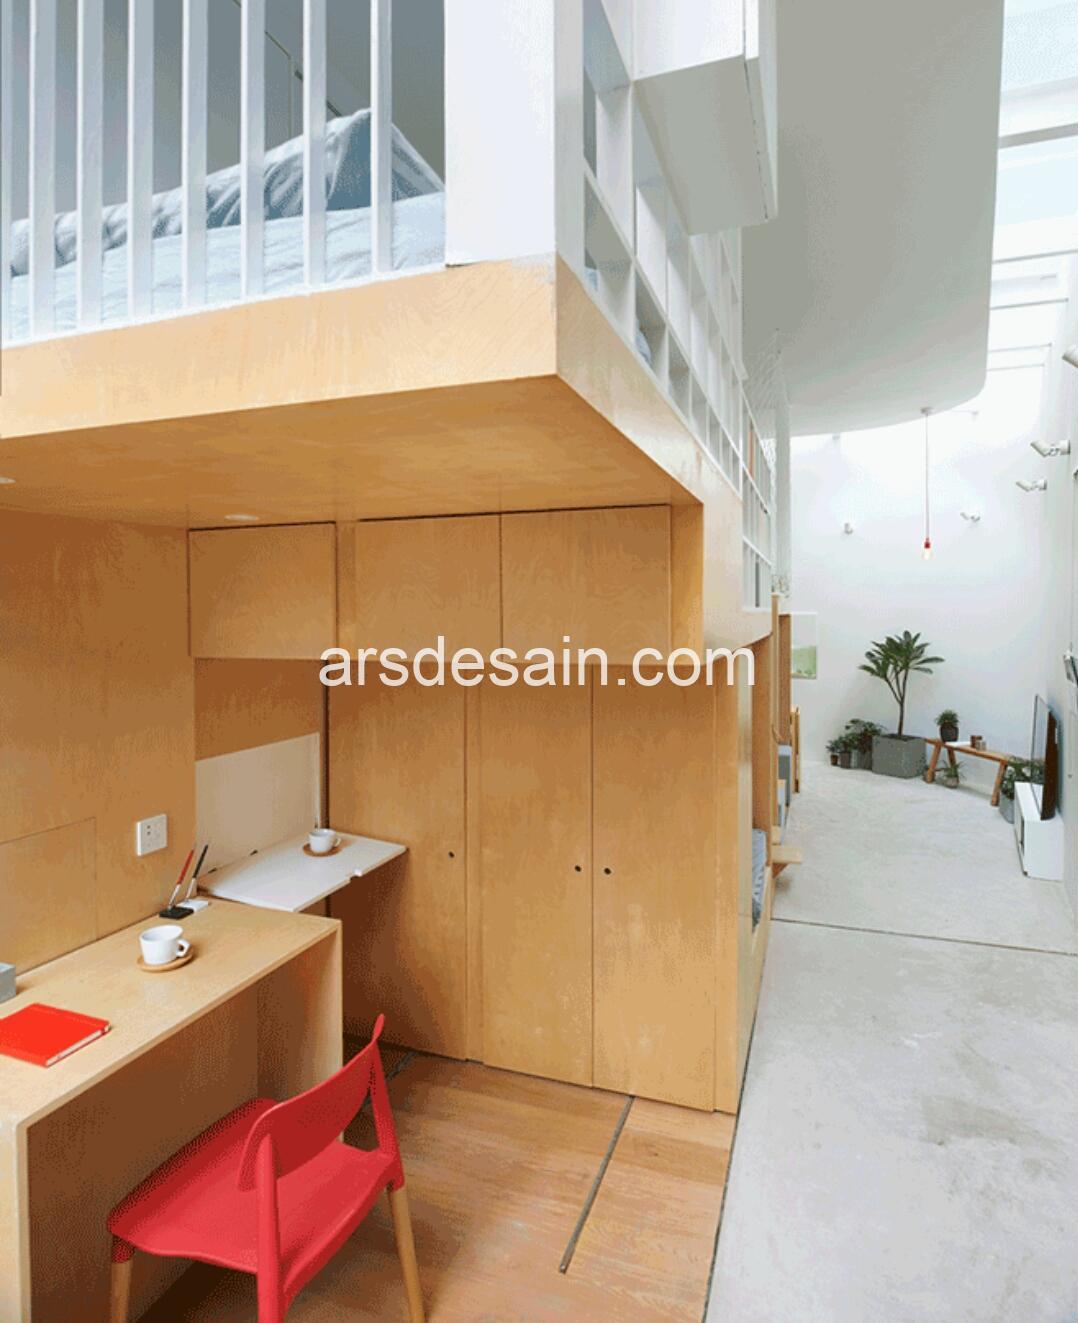 rumah minimalis fungsional 02